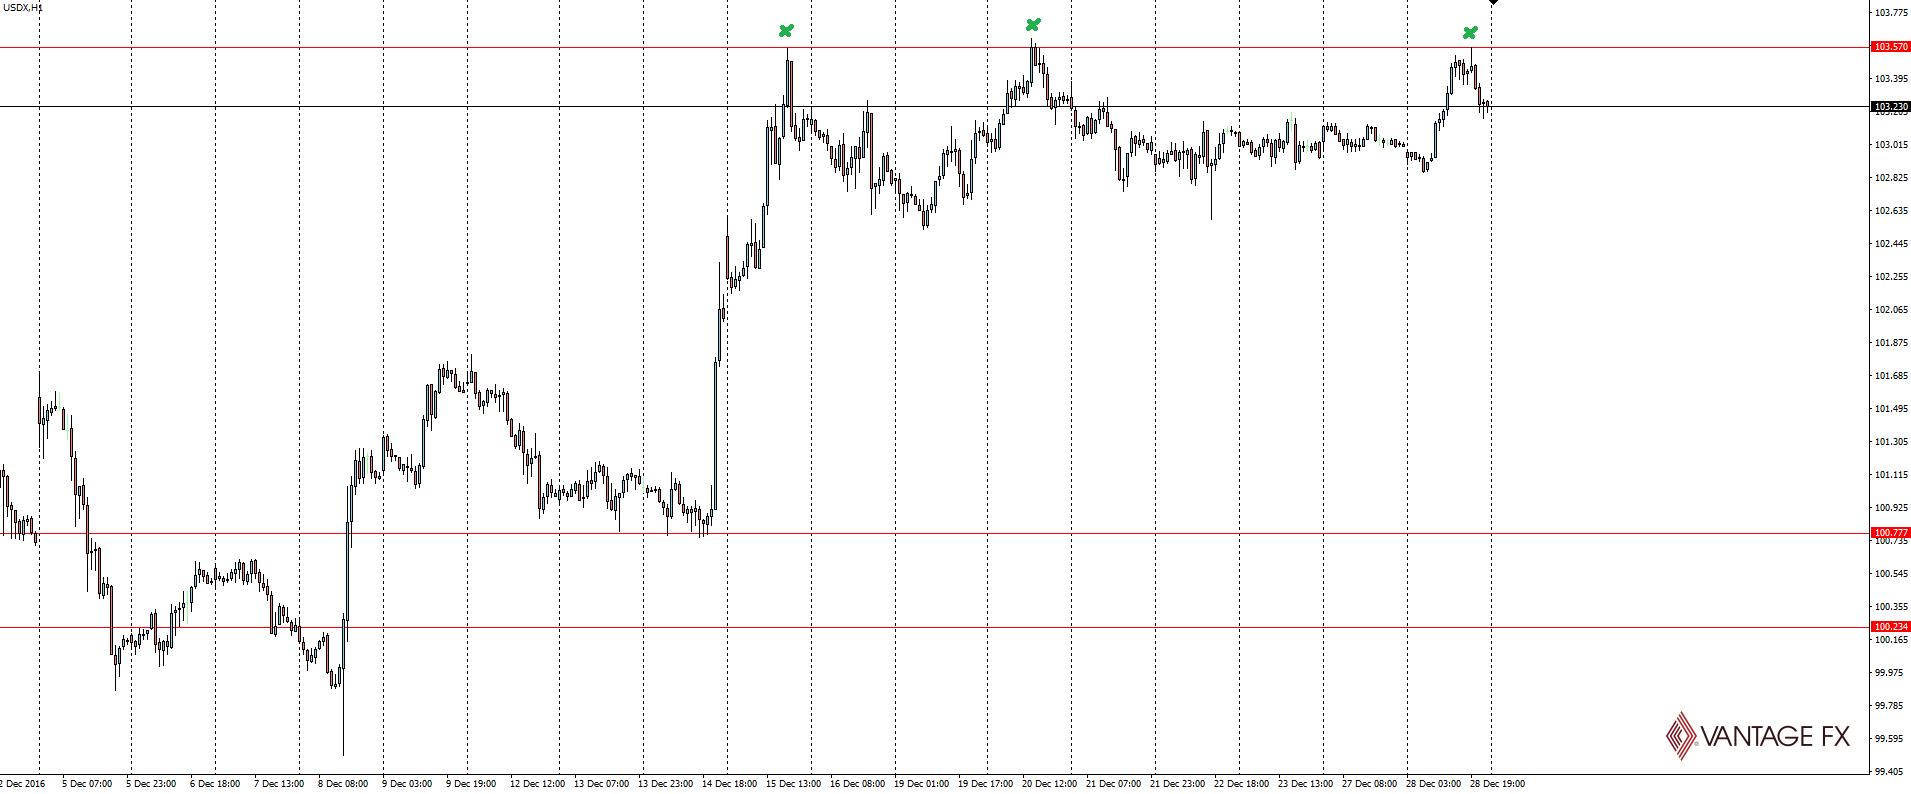 USDX Hourly Chart